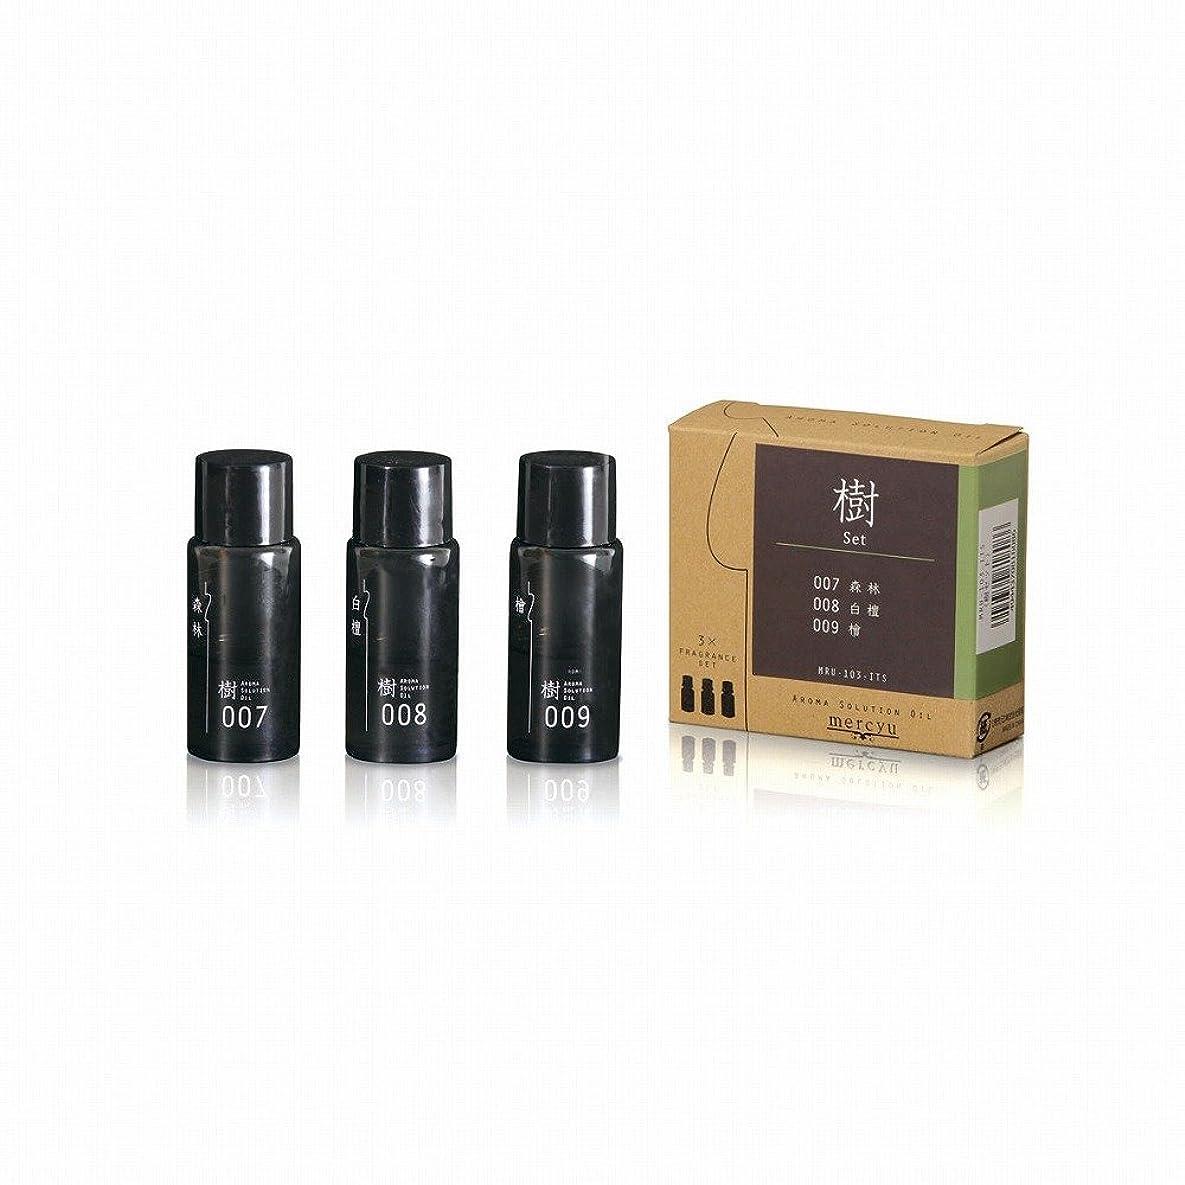 ミシン目注釈事業内容mercyu(メルシーユー) アロマソリューションオイル 和の香り MRU-103 (樹)